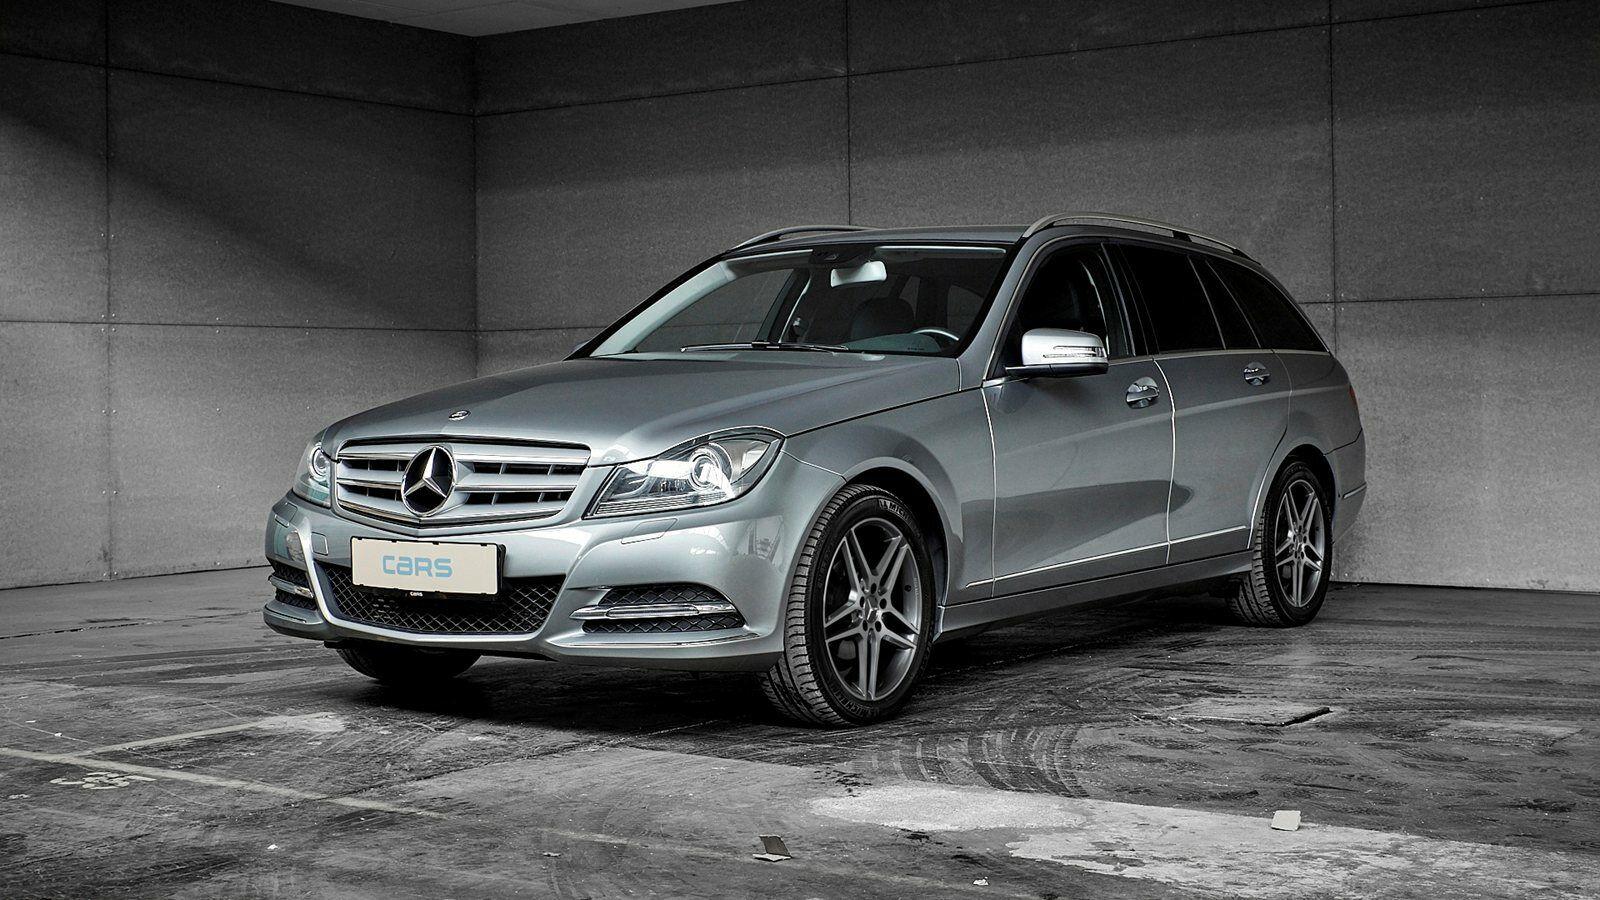 Mercedes C200 2,2 CDi stc. aut. BE 5d - 249.700 kr.